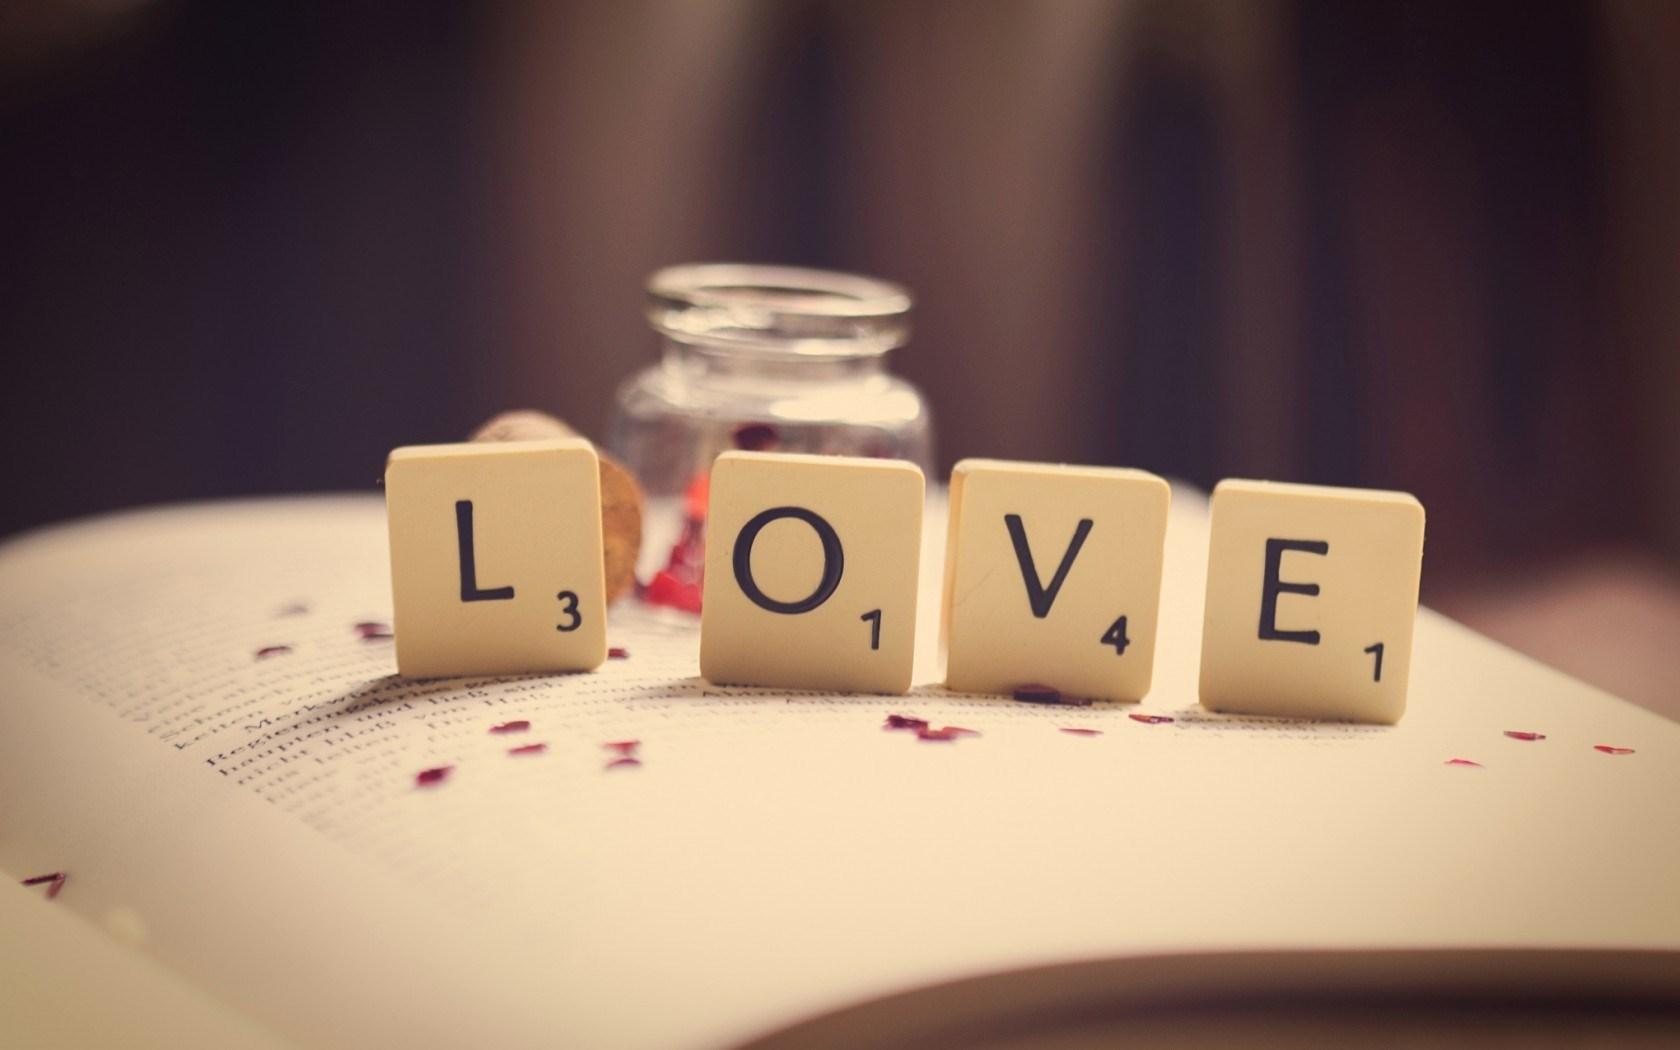 بالصور رسائل الحب والعشق , رسائل حب للحبيب 5854 5